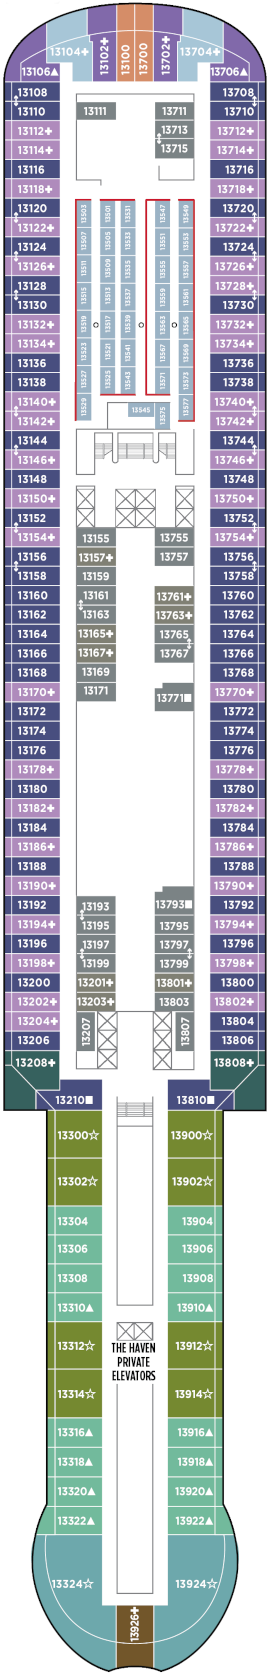 Norwegian Prima Deck 13 Deck Plan